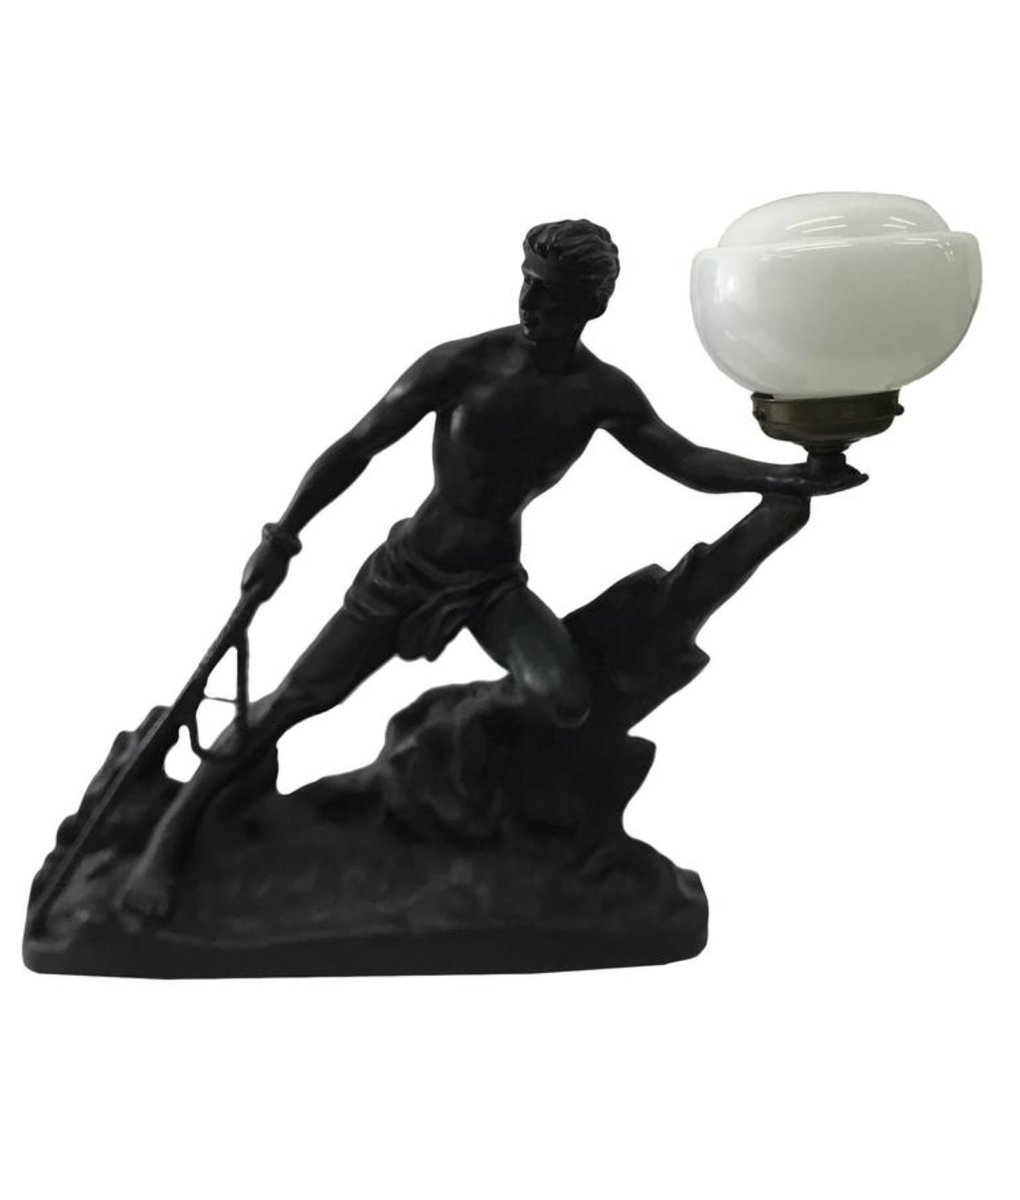 lampe de bureau art d co en r sine verre opalin france 1930s en vente sur pamono. Black Bedroom Furniture Sets. Home Design Ideas